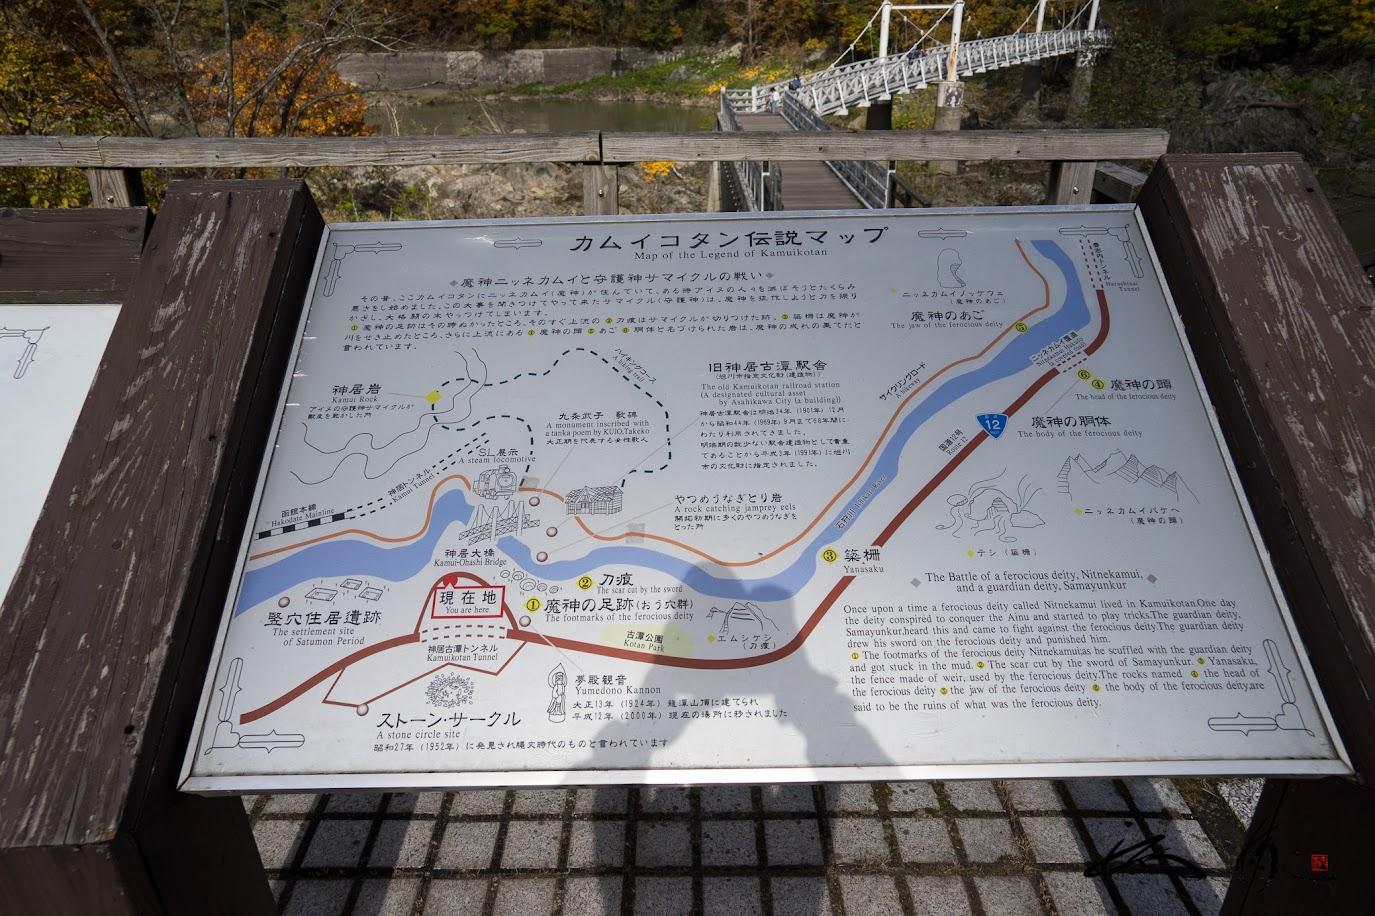 カムイコタン伝説マップ